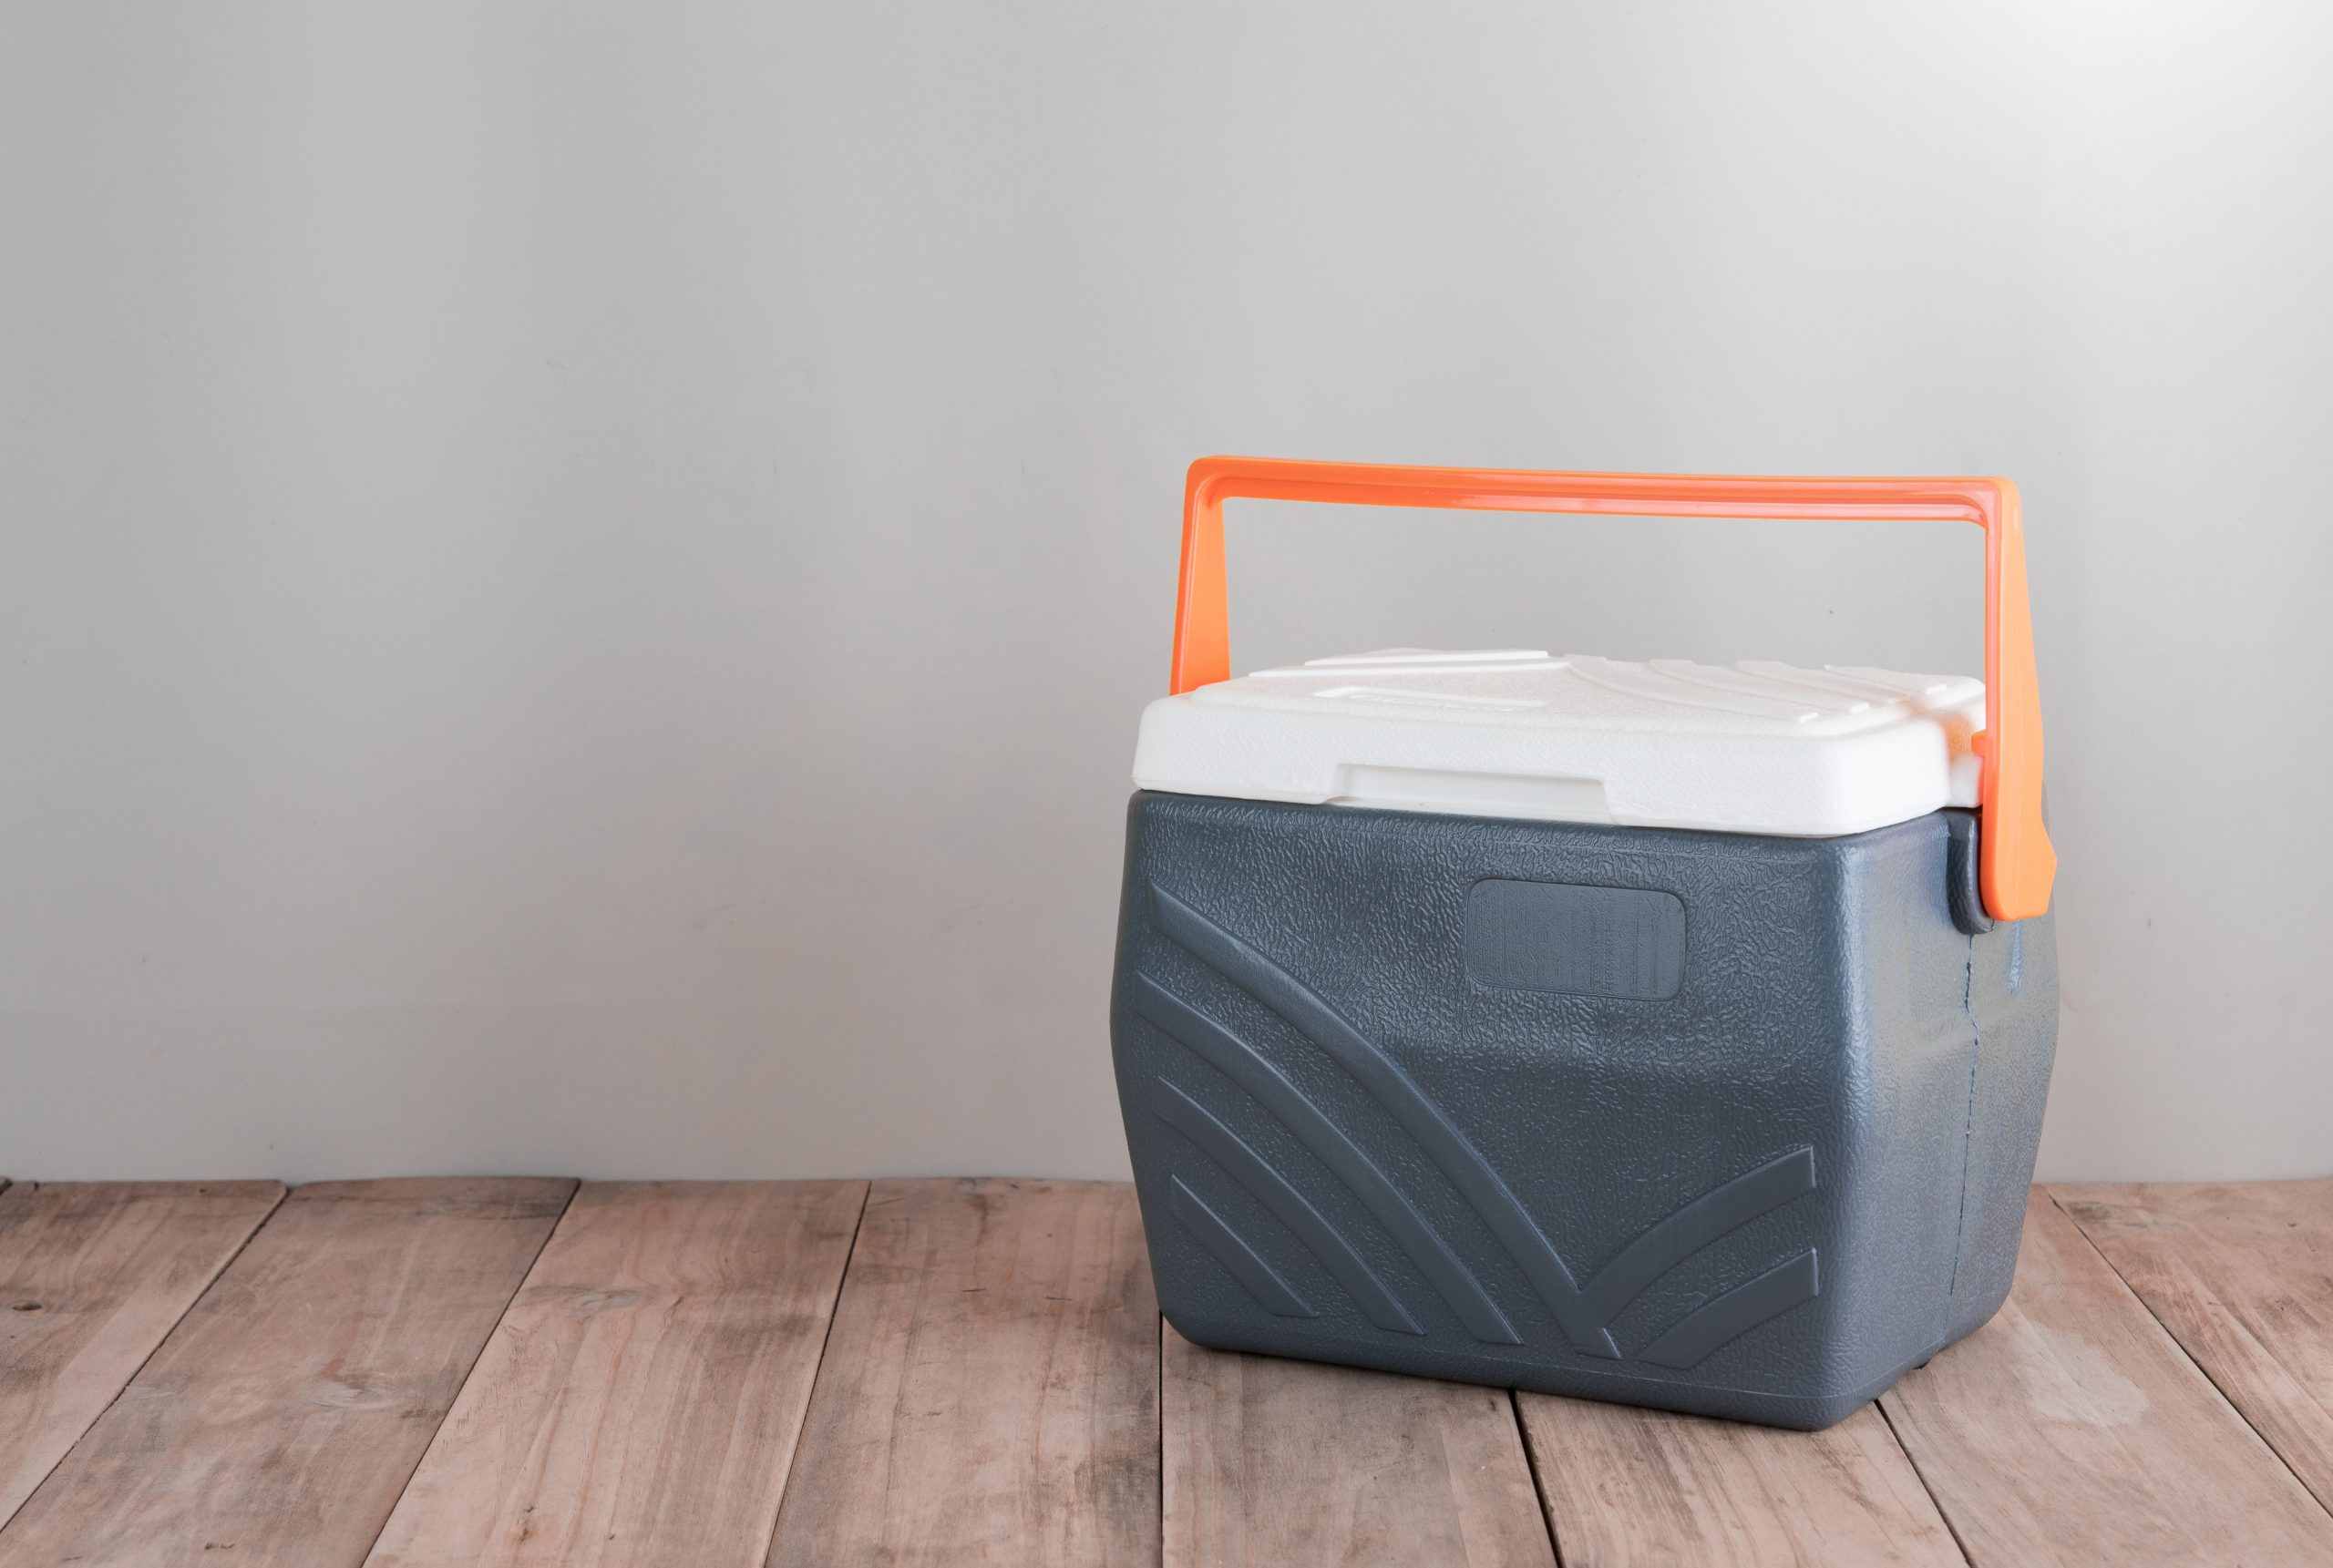 Kühlbox 12V: Test & Empfehlungen (09/20)